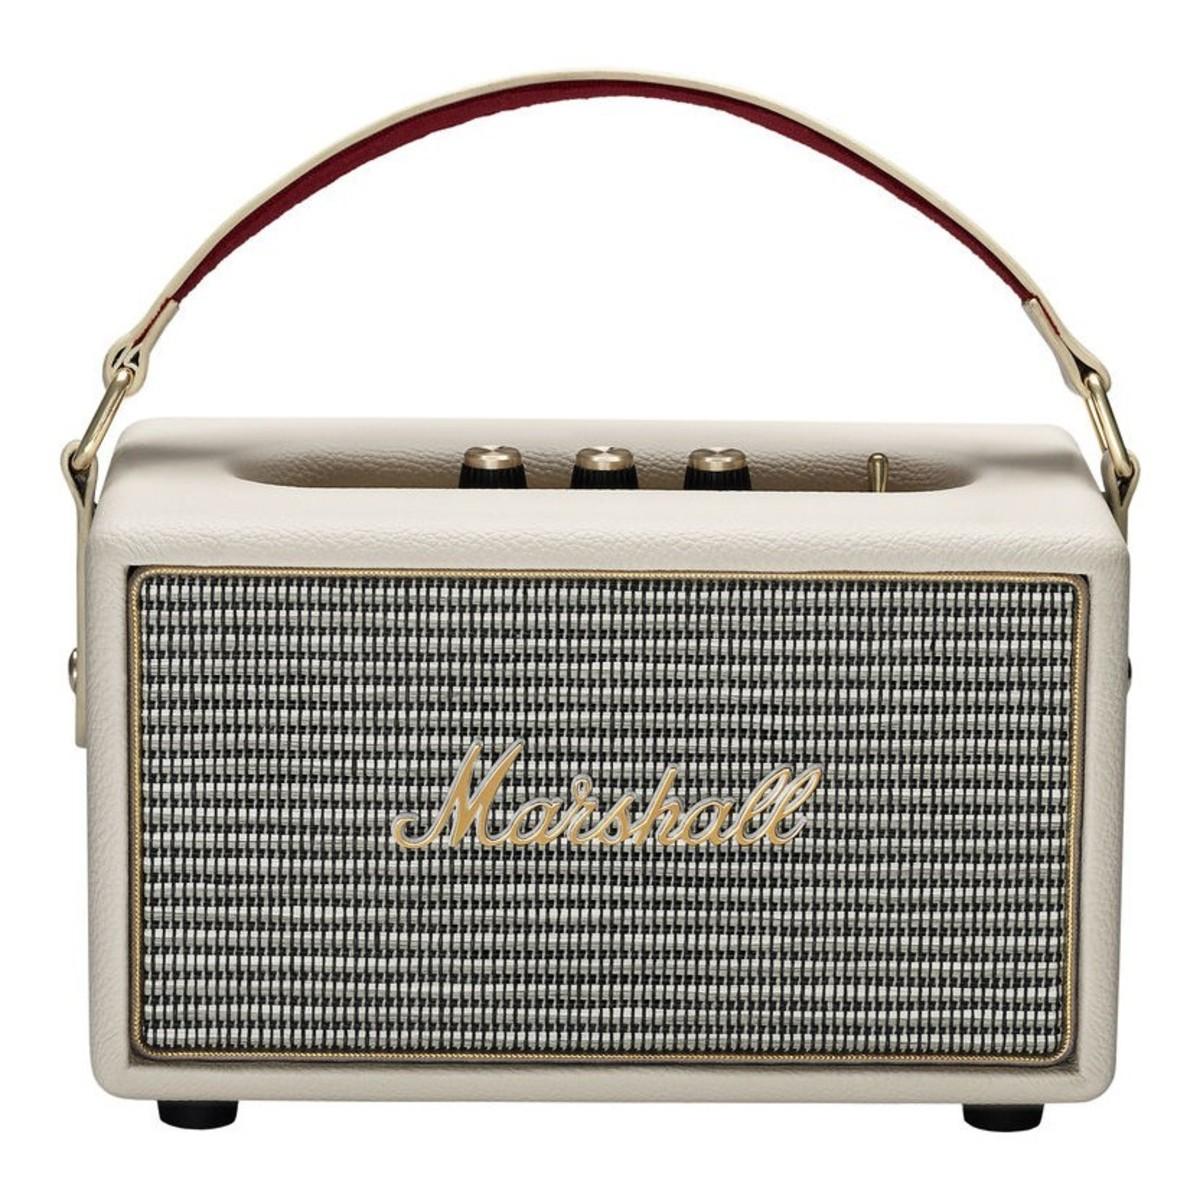 Marshall Bluetooth Speaker Portable: Marshall Kilburn Portable Bluetooth Speaker, Cream At Gear4music